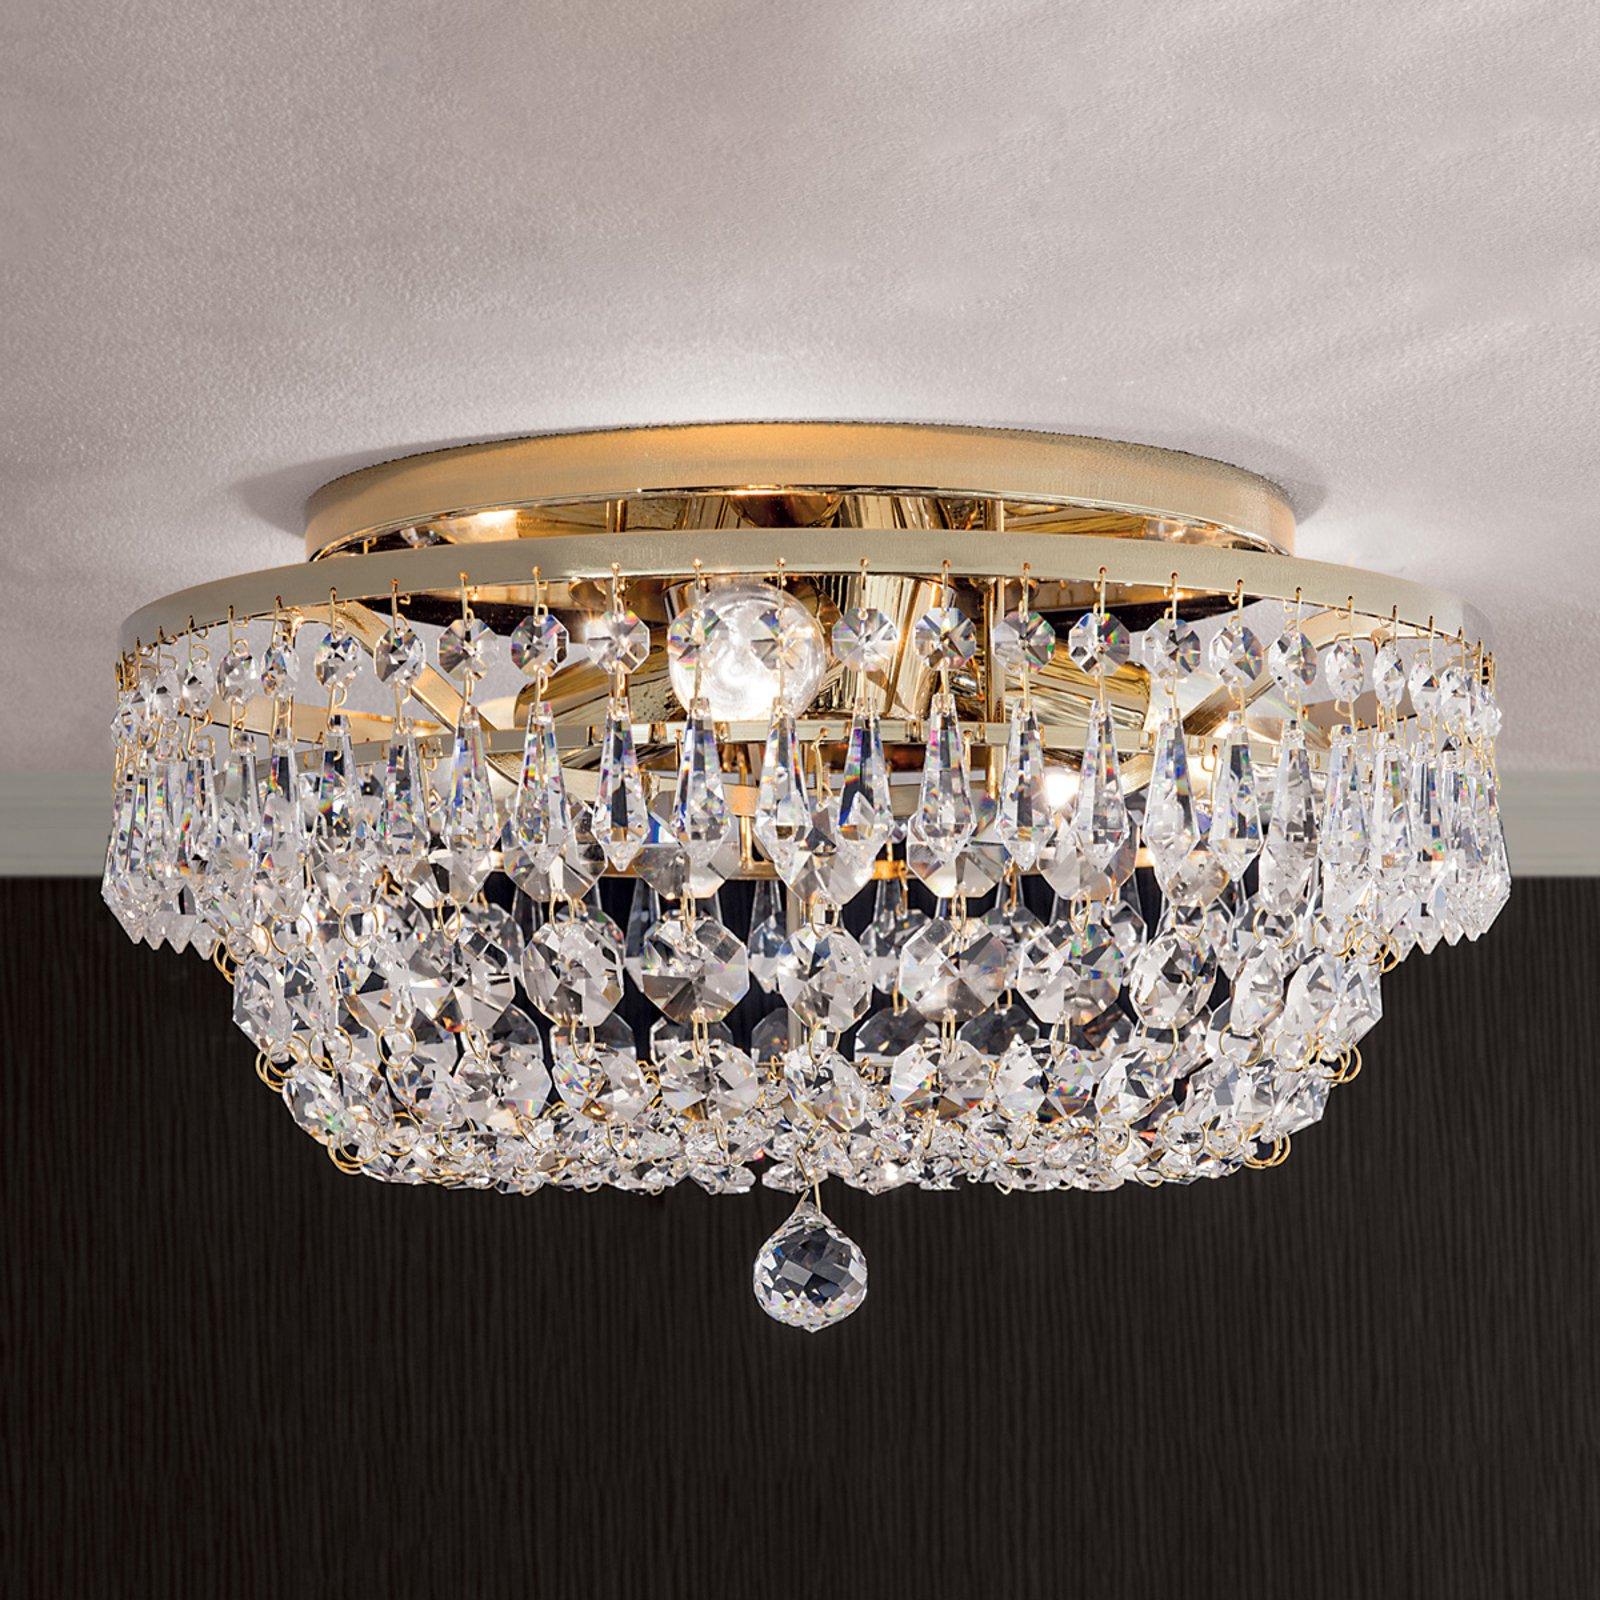 Rund SHERATA krystalltaklampe i gull 35 cm